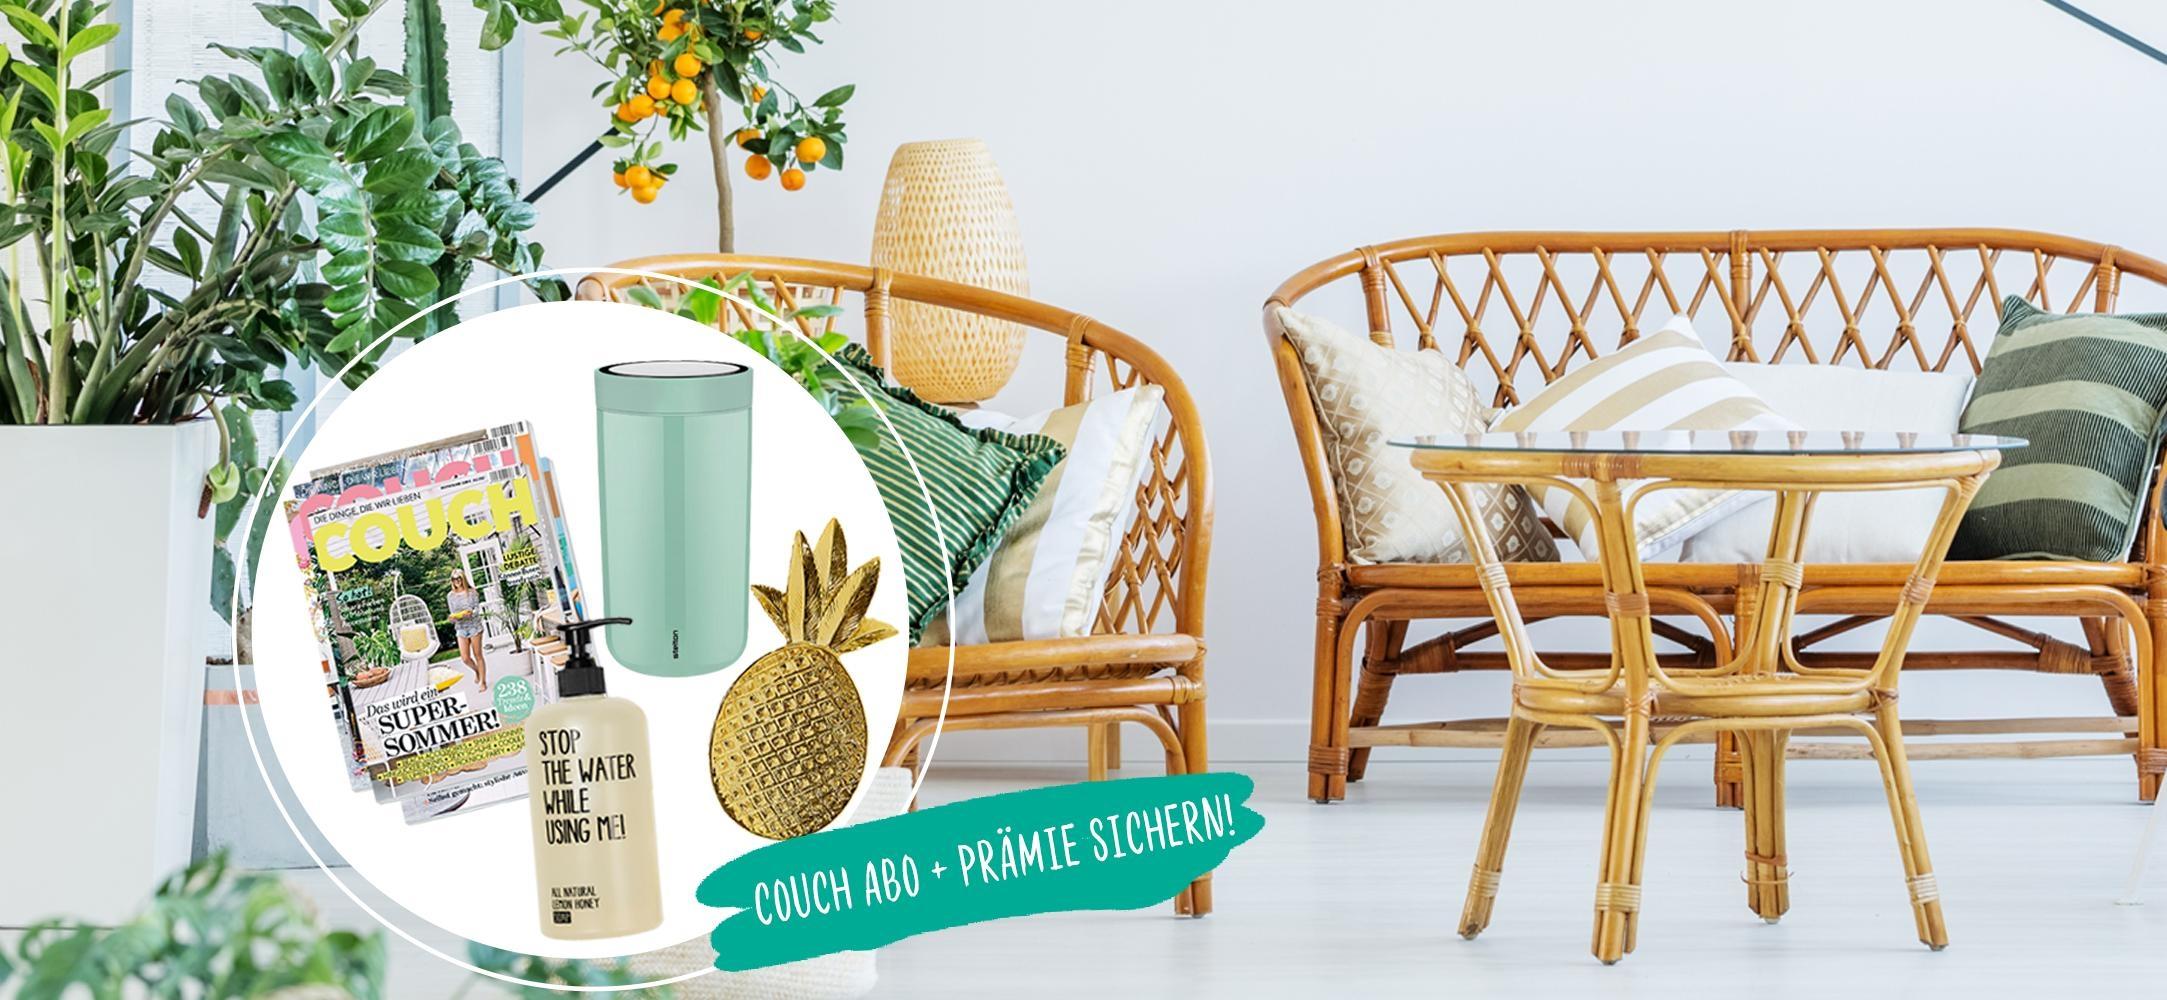 Kleine Couch Kleiner Preis Jetzt Im Abo Lesen 12 0f8ef39a A931 4f75 9f0f  7e6b00917419 ...